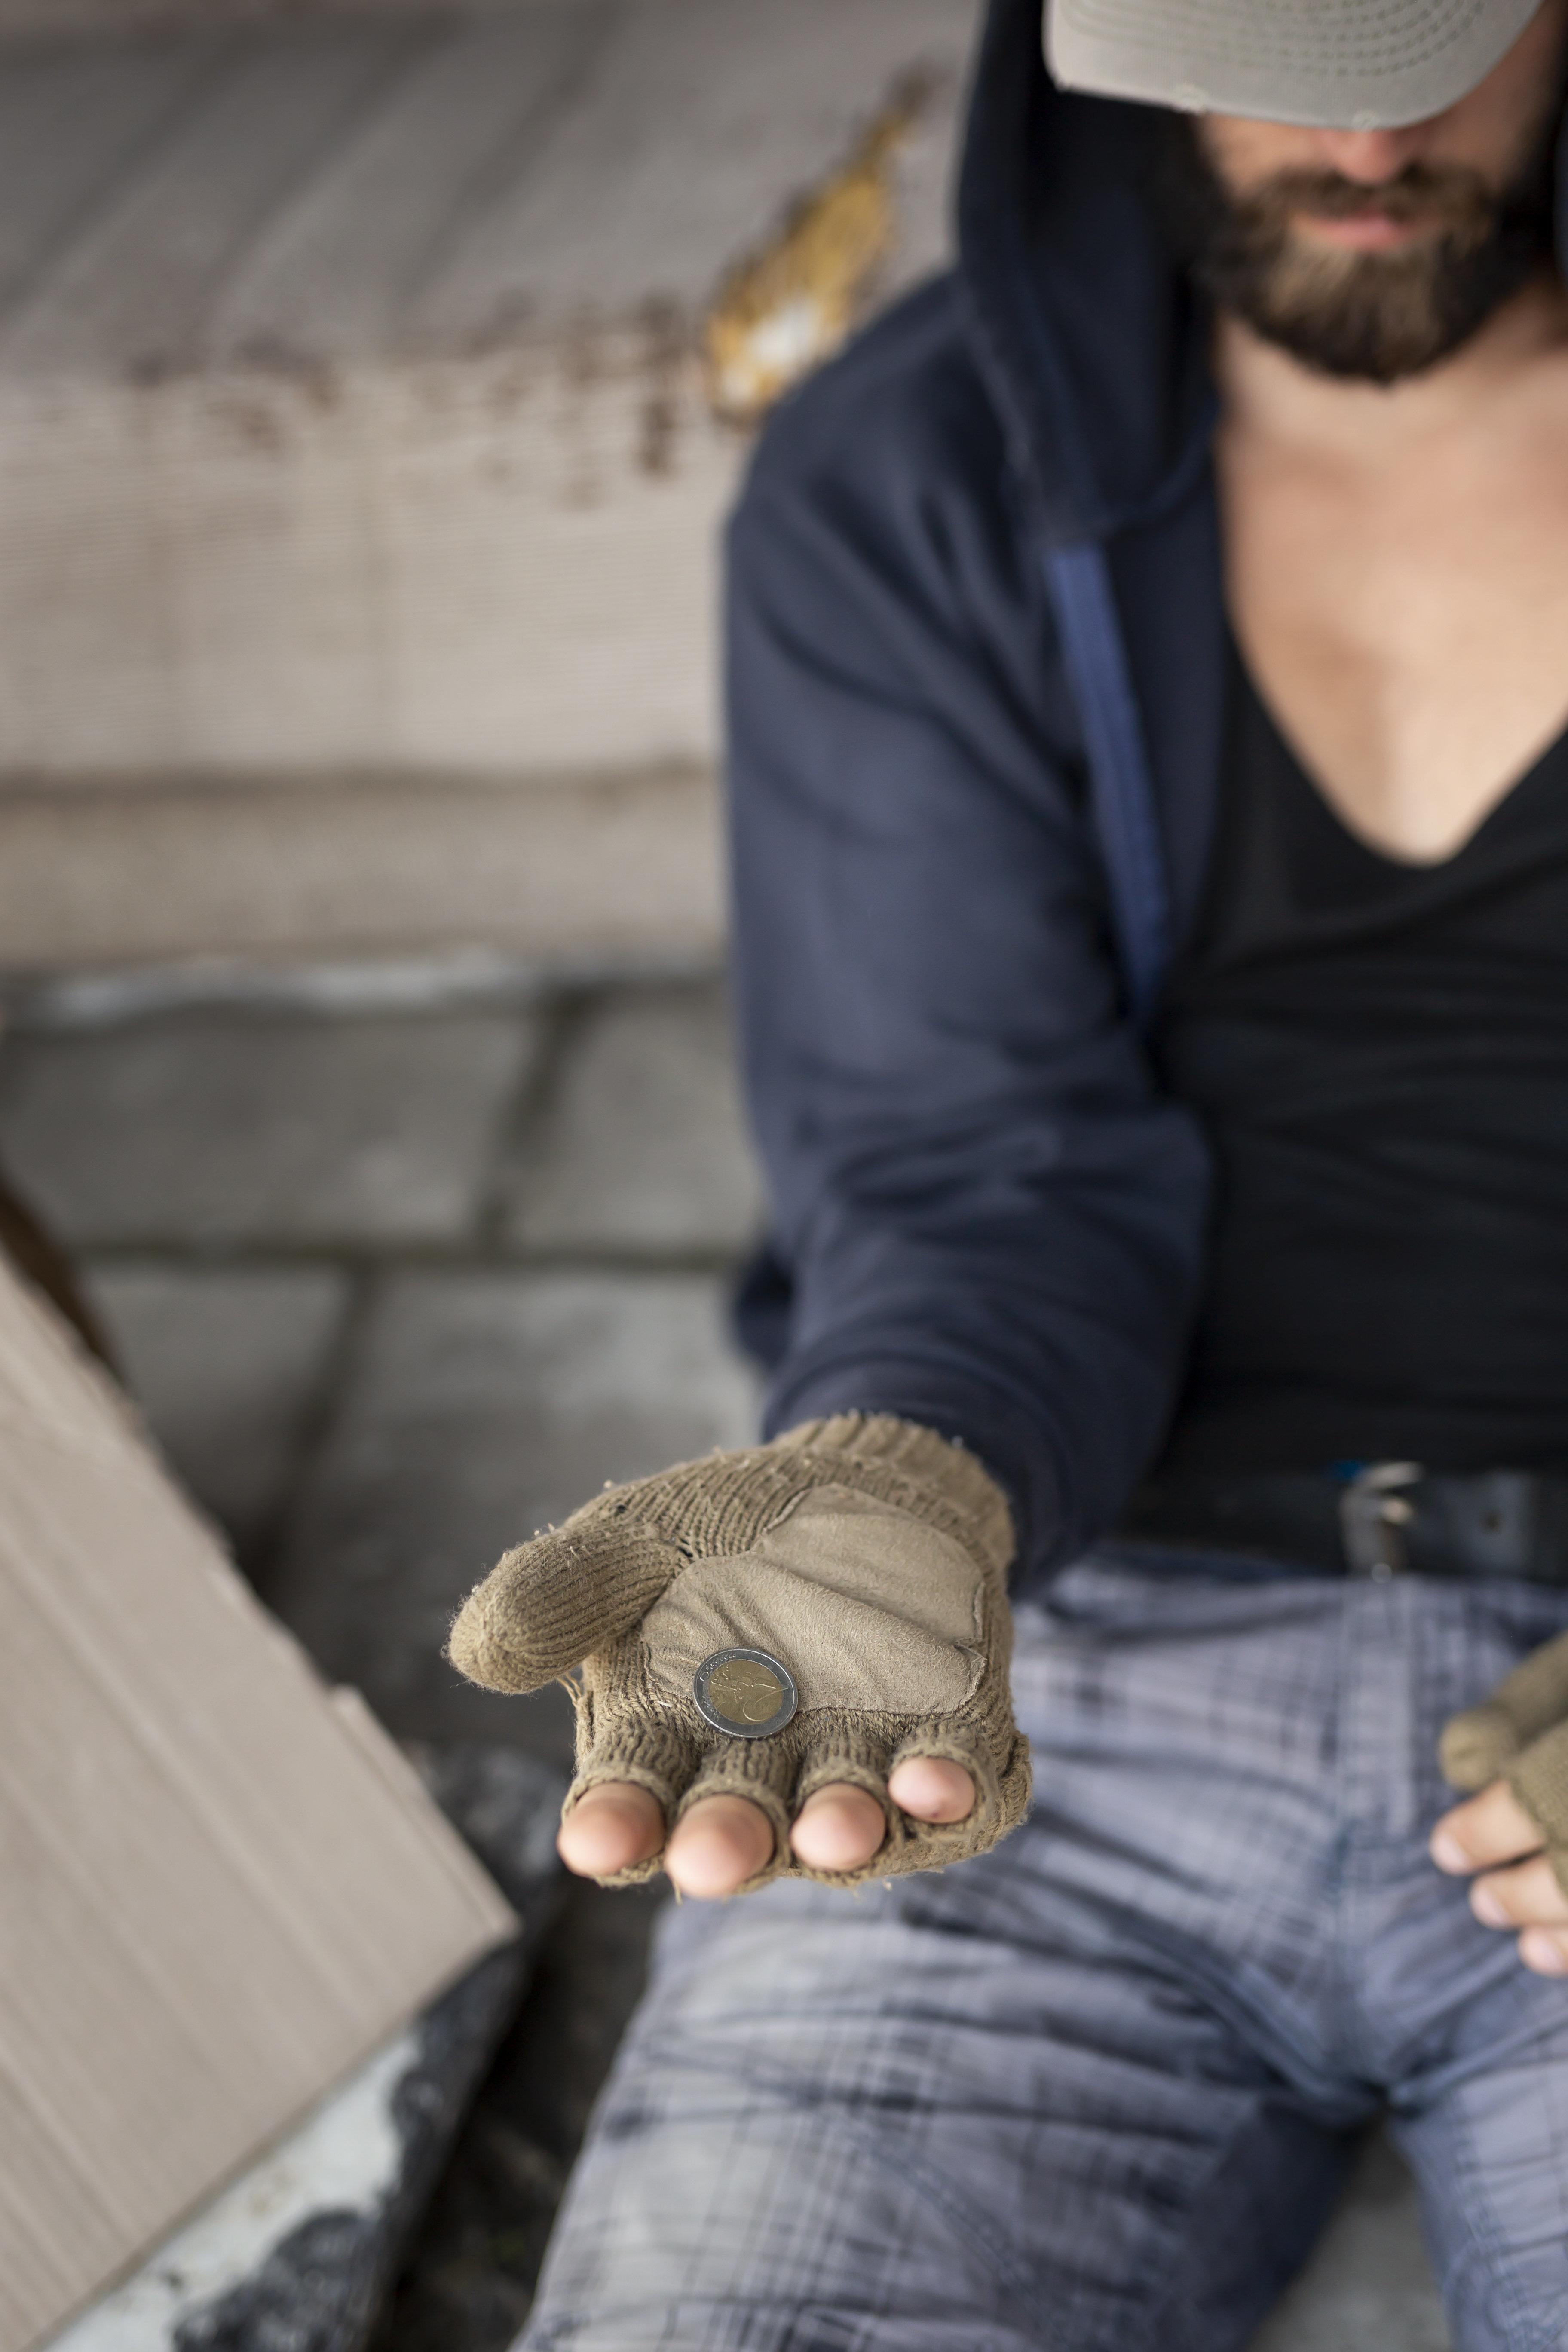 Bußgeld für Obdachlose: Dortmund bestraft Menschen, die auf der Straße